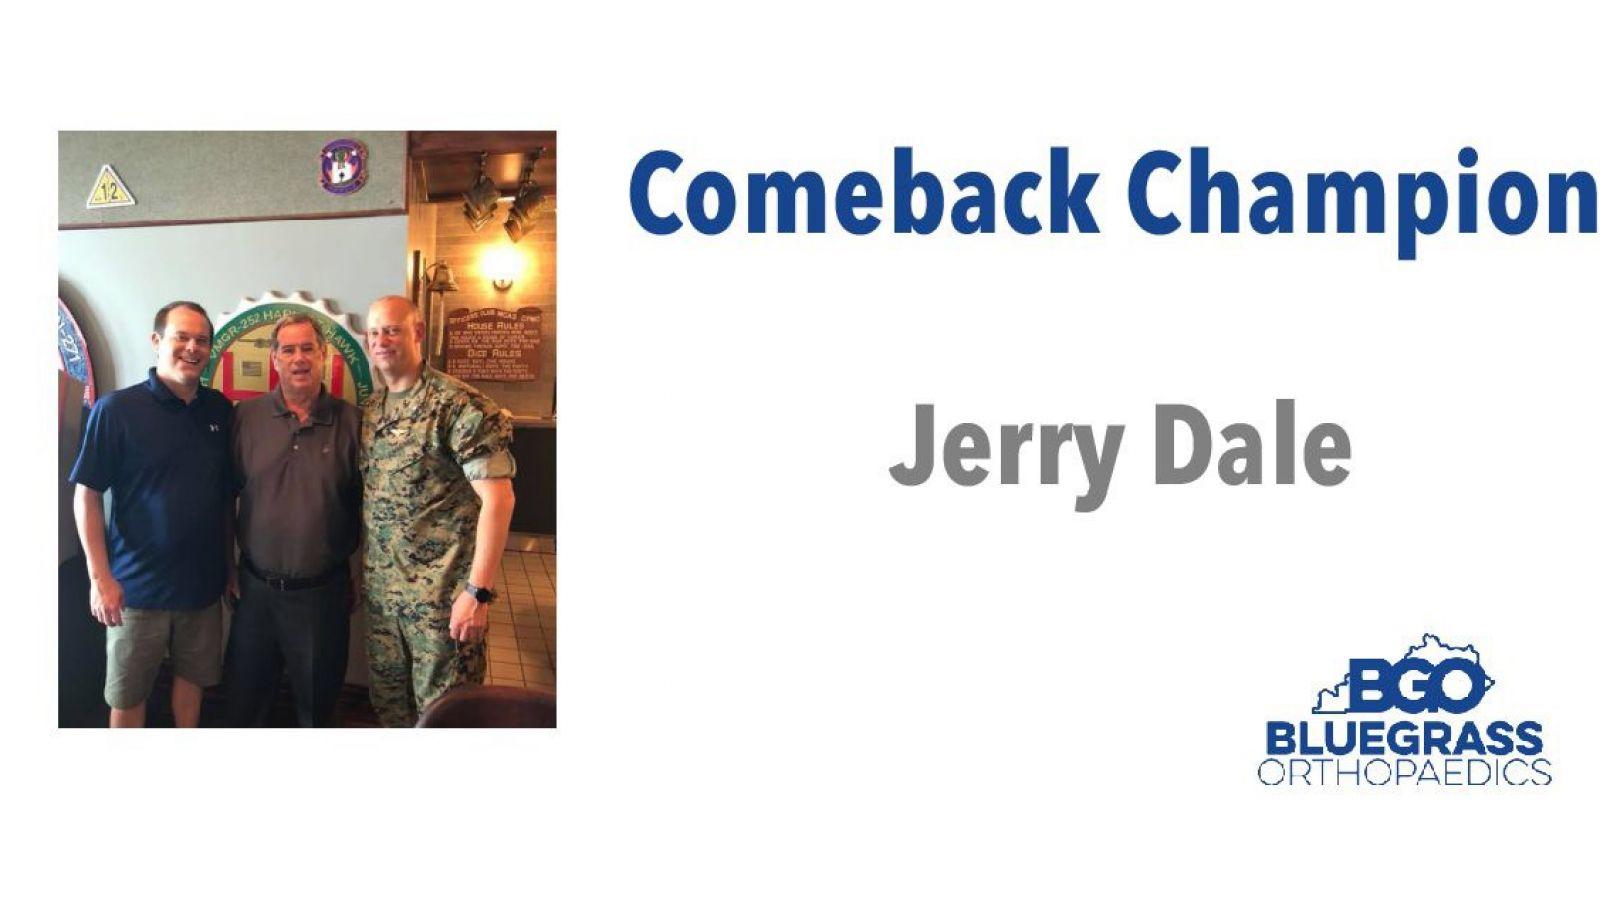 Jerry Dale: Comeback Champion